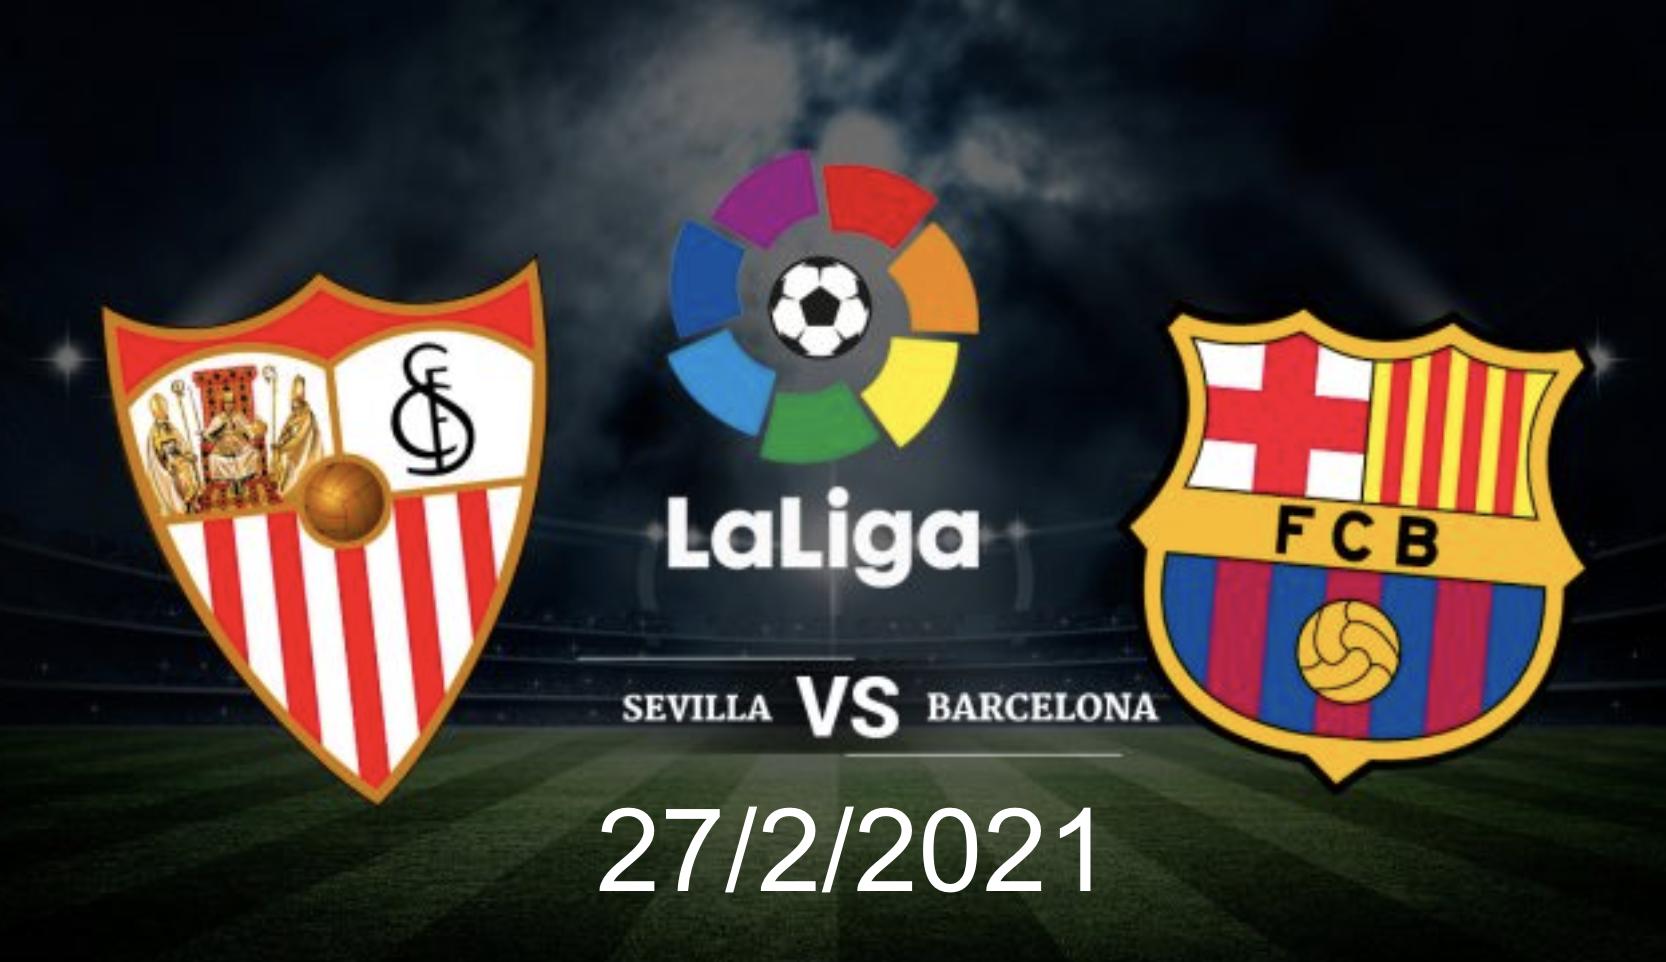 Nhận định trận đấu La Liga 27/2: Sevilla đại chiến với Barcelona